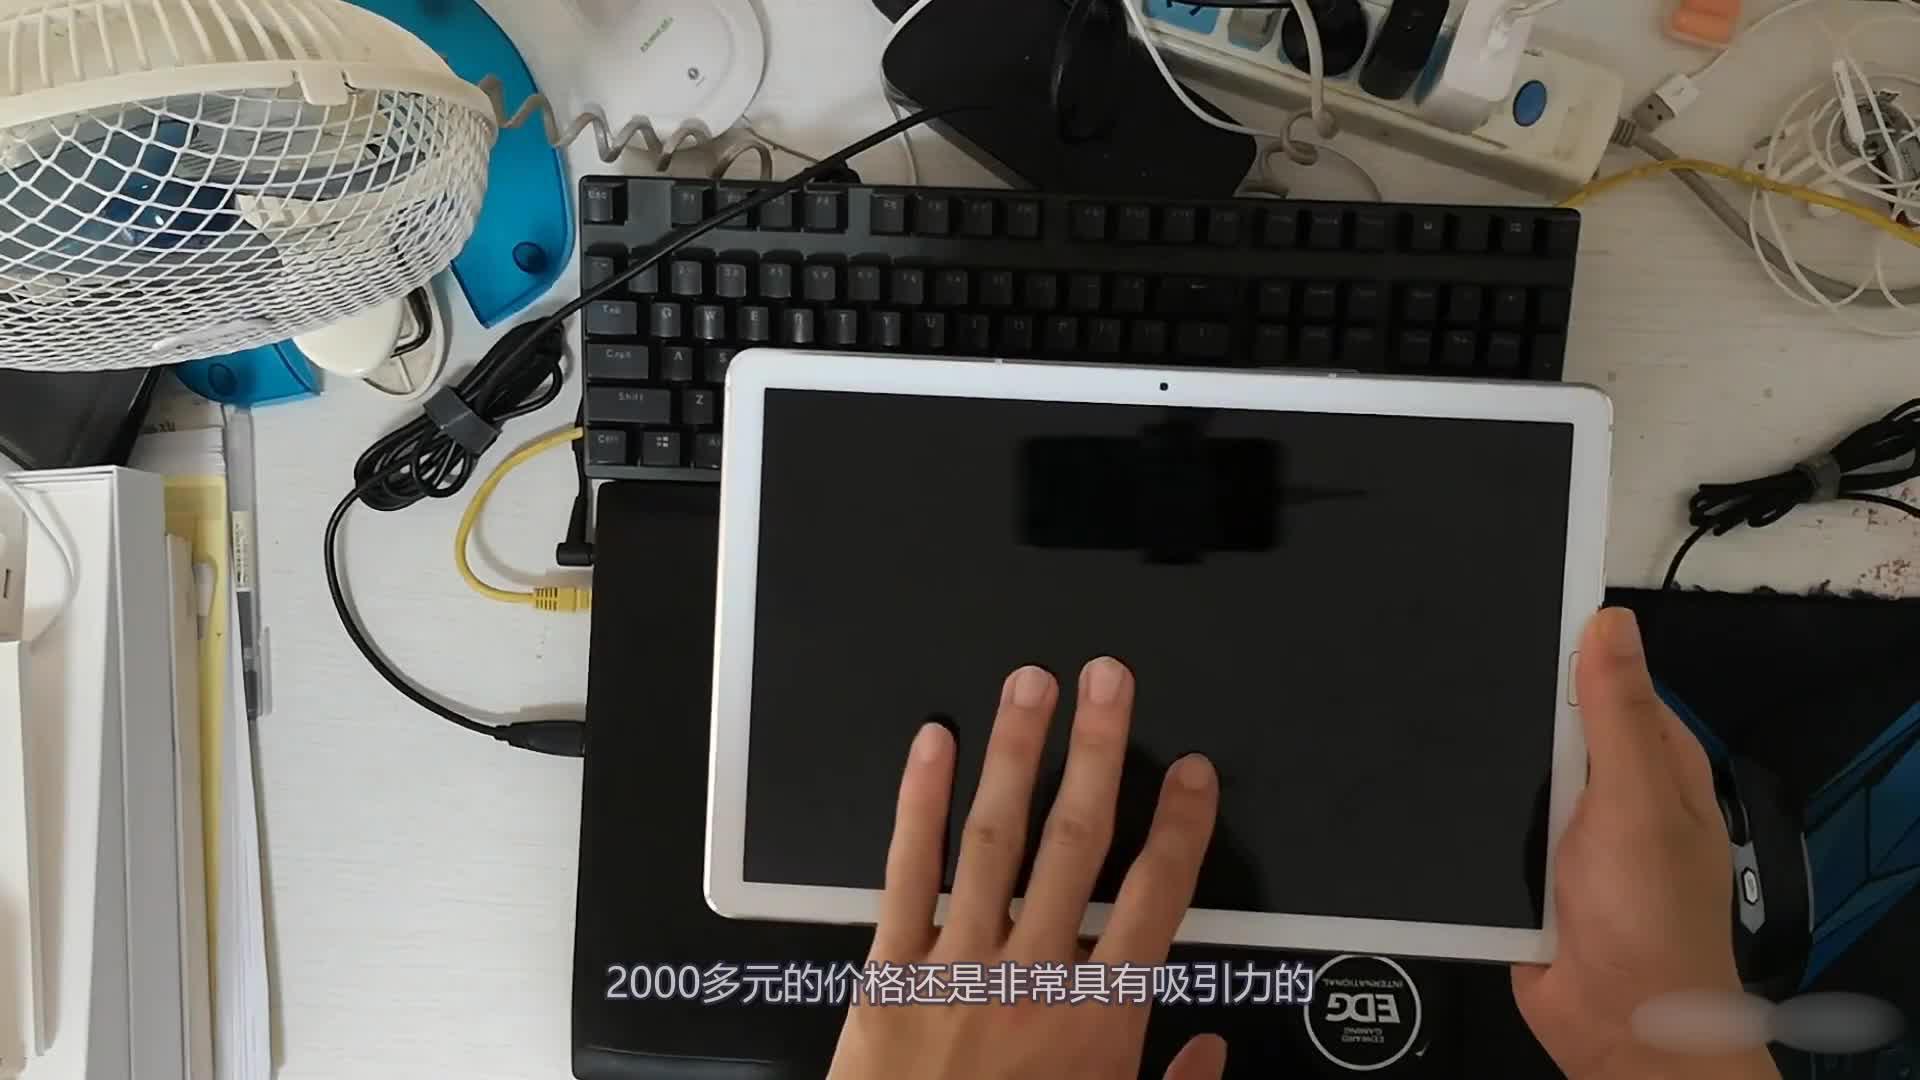 2699元的华为M6开箱 开箱的那一瞬间 这平板电脑真是太香了